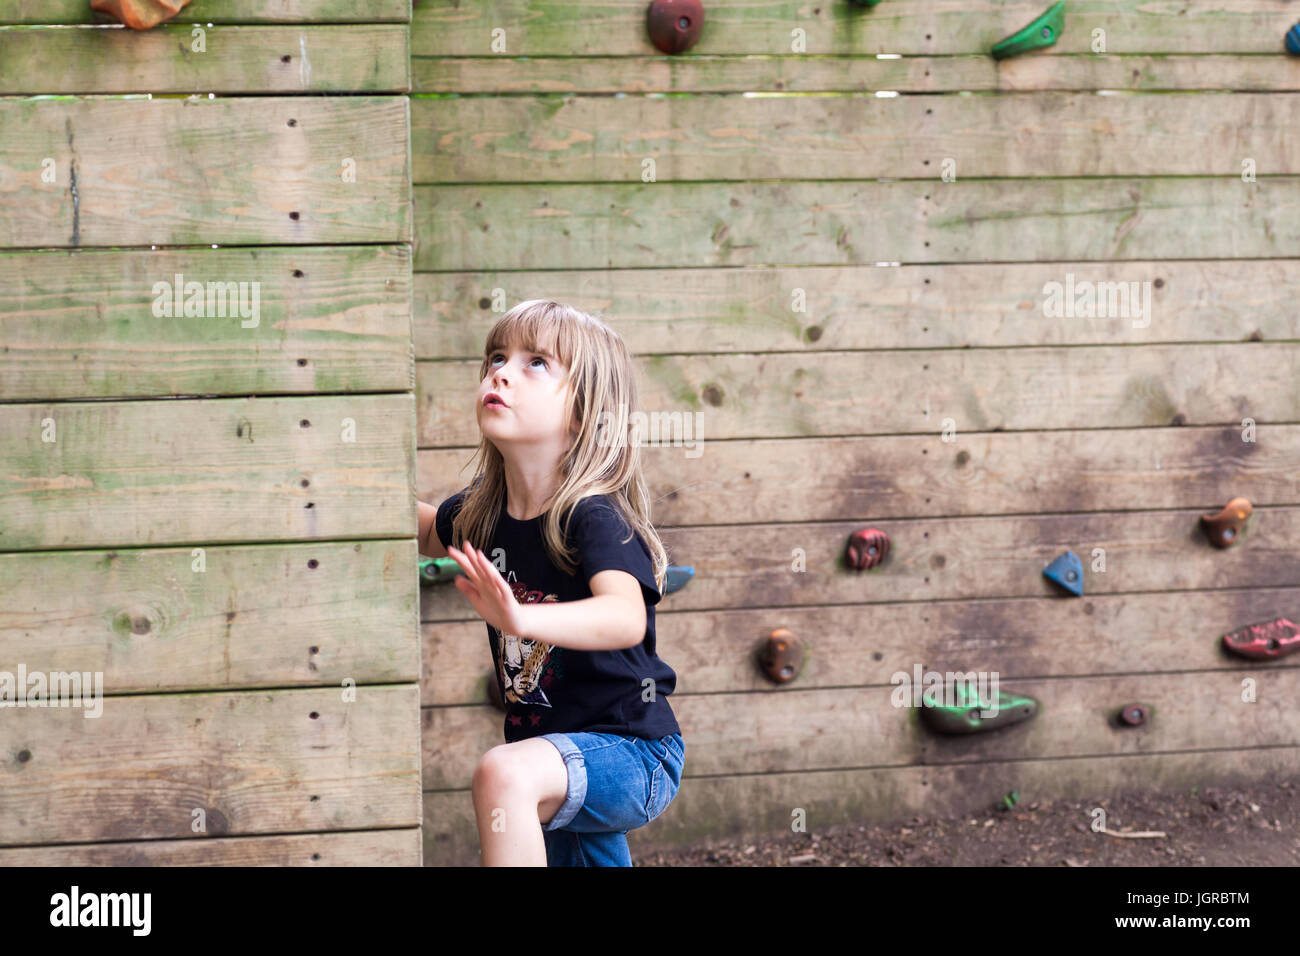 Bambina inizia a salire su una tavola di legno parete di arrampicata. carino bambino con fisico uno stile di vita Immagini Stock